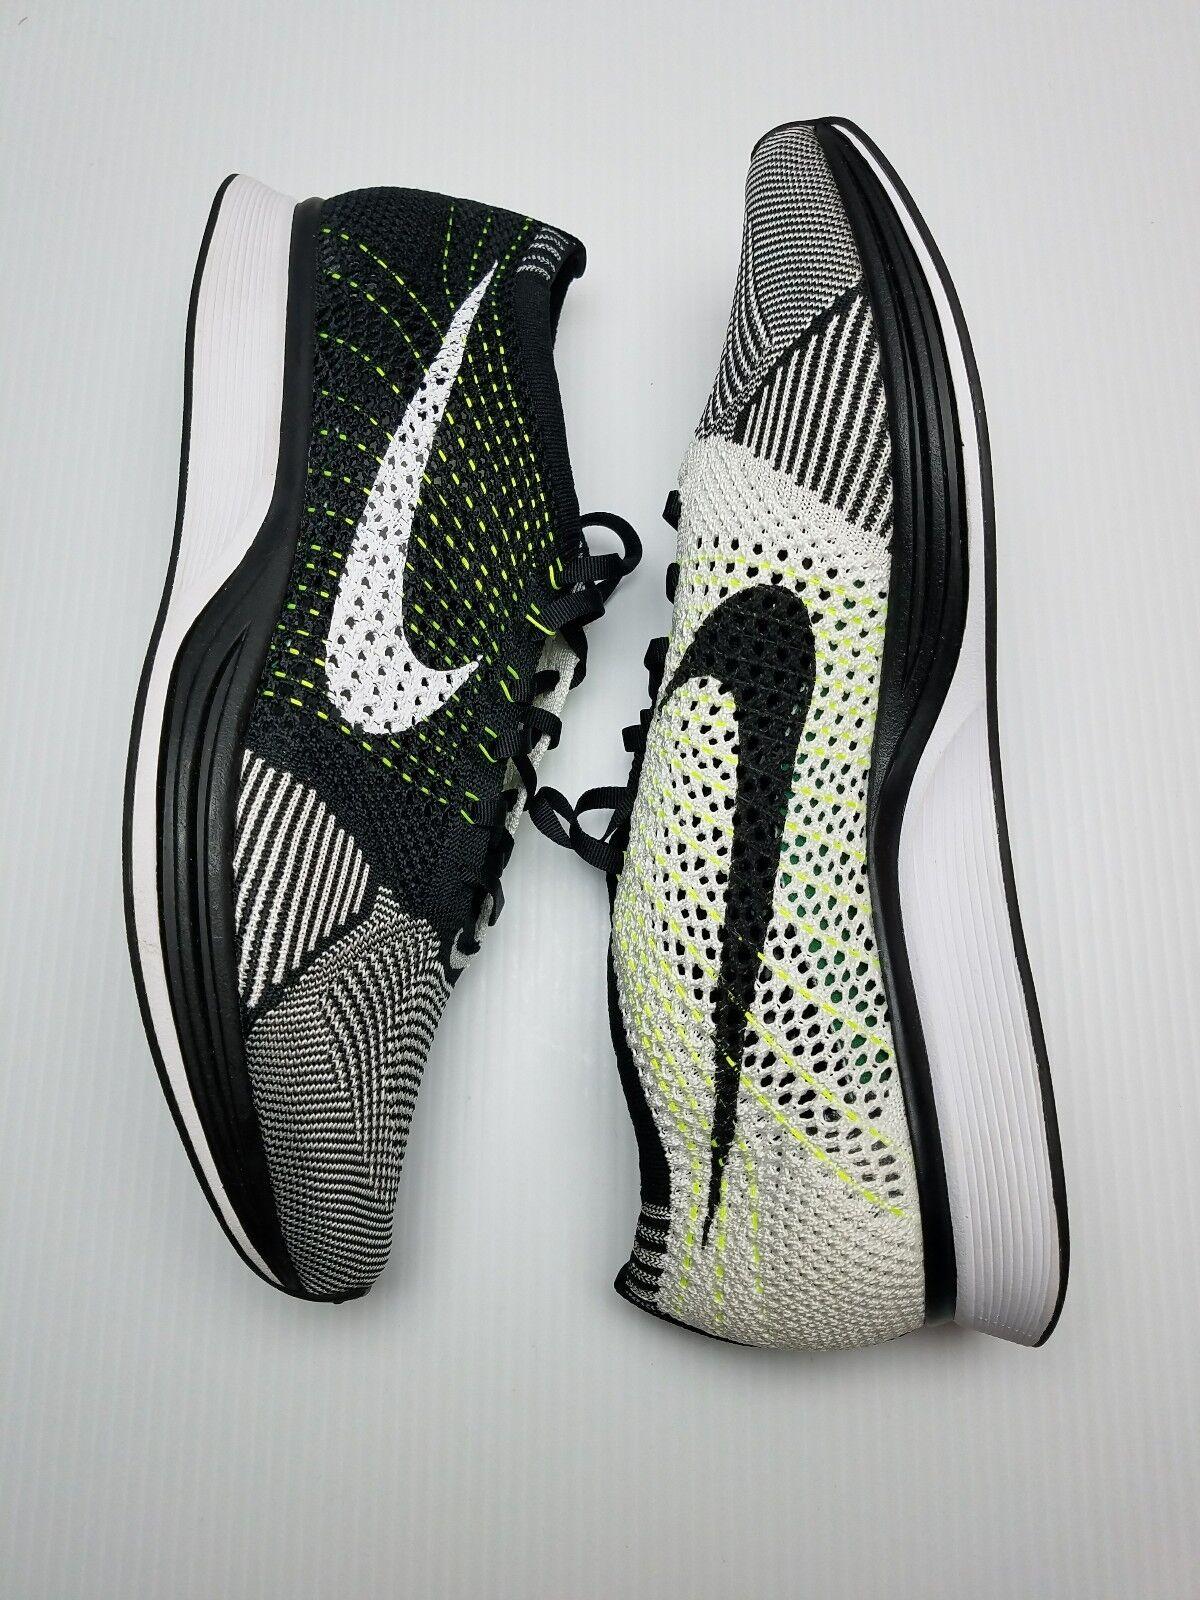 sports shoes ca4a9 fbc99 ... usa nike flyknit racer männer laufschuhe 526628 011 schwarz weiß weiß  oreo volt sz. bba3c5